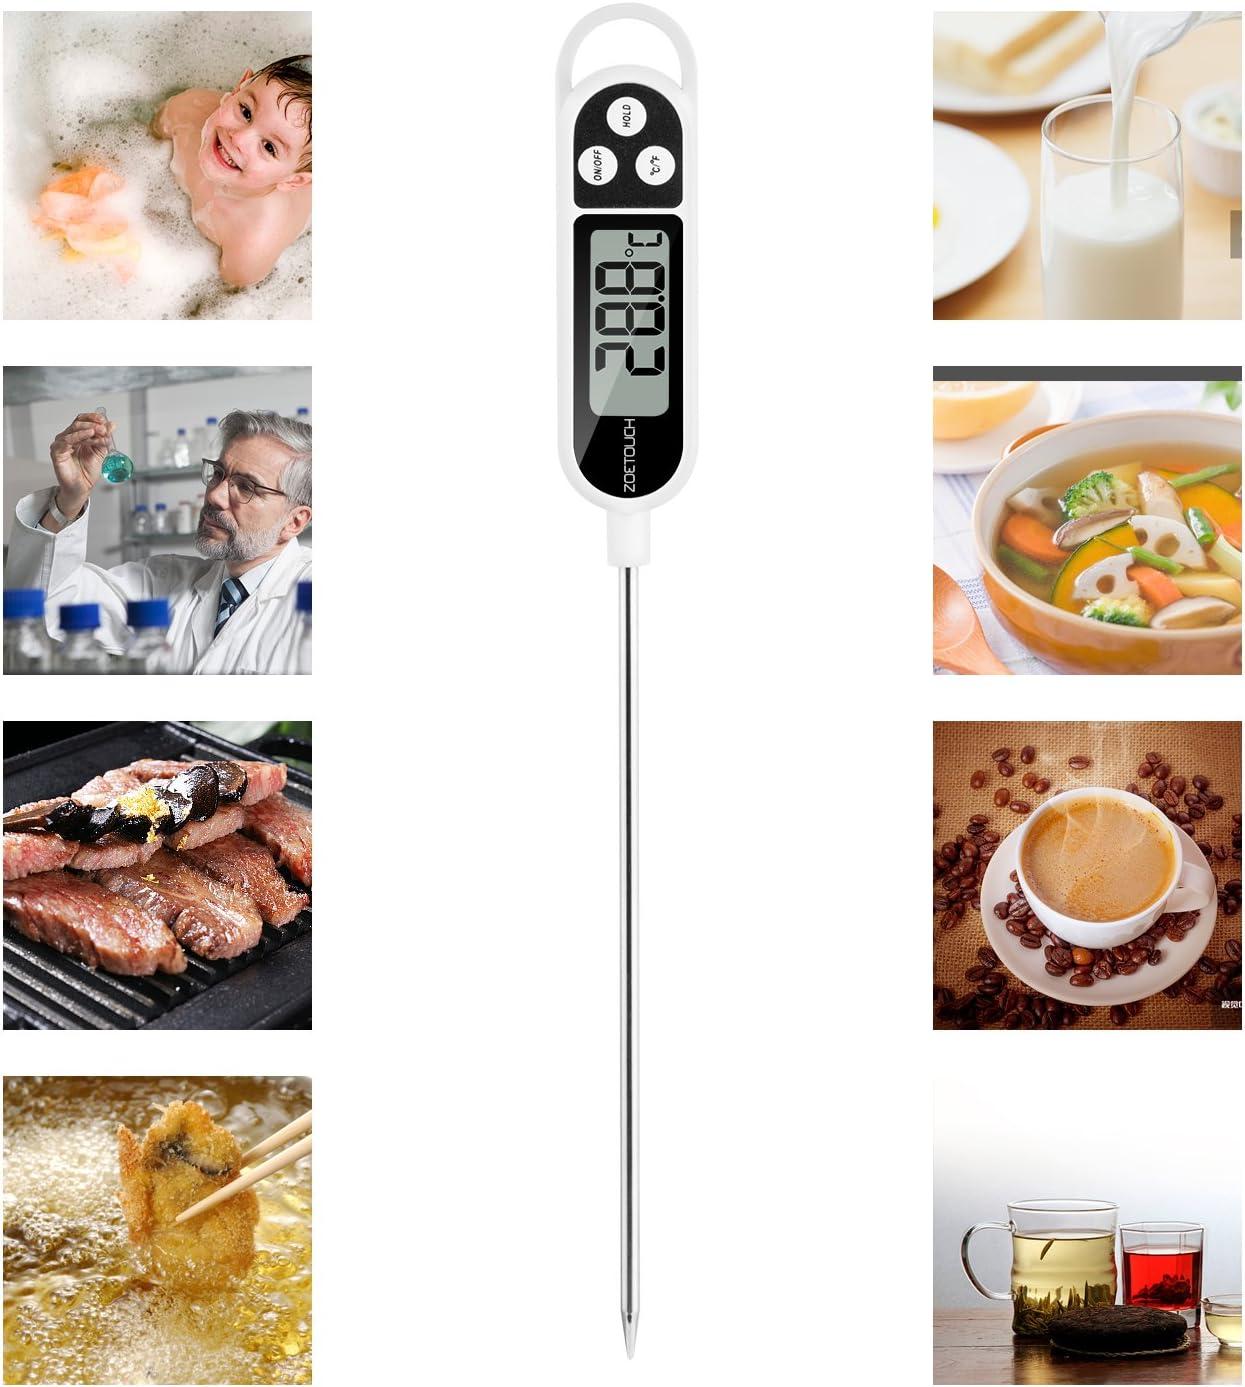 Termometro da Cucina,ZOETOUCH Termometro Alimenti Digitale Sonda Professionale con Lettura Istantanea Anti-Corrosione per Carne Griglia Barbecue Latte e Acqua del Bagno Manzo Pollo Schermo LCD